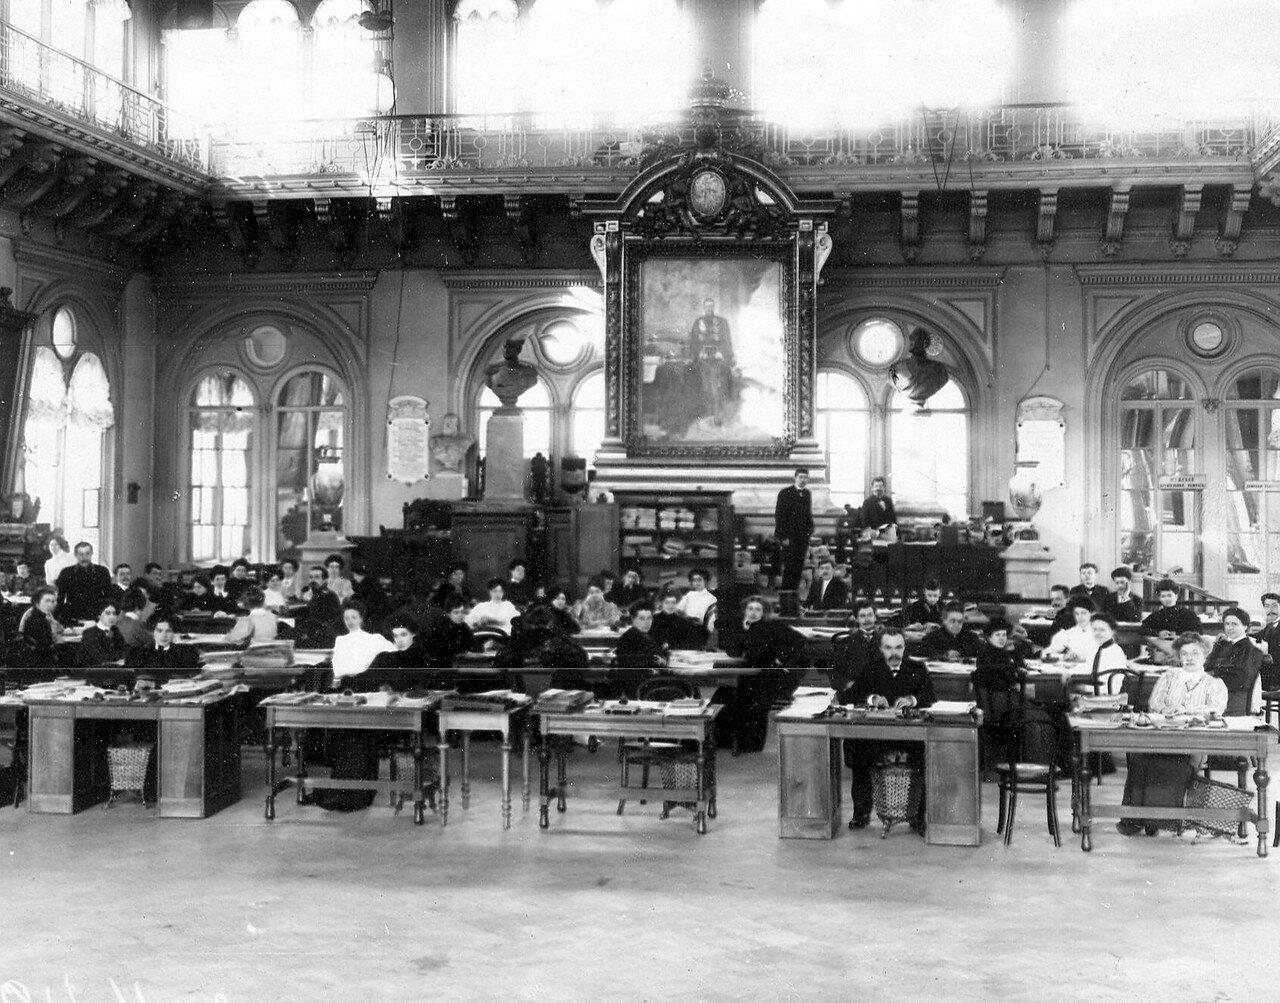 1906. Члены избирательной комиссии в Первую Государственную думу в зале заседаний Городской думы